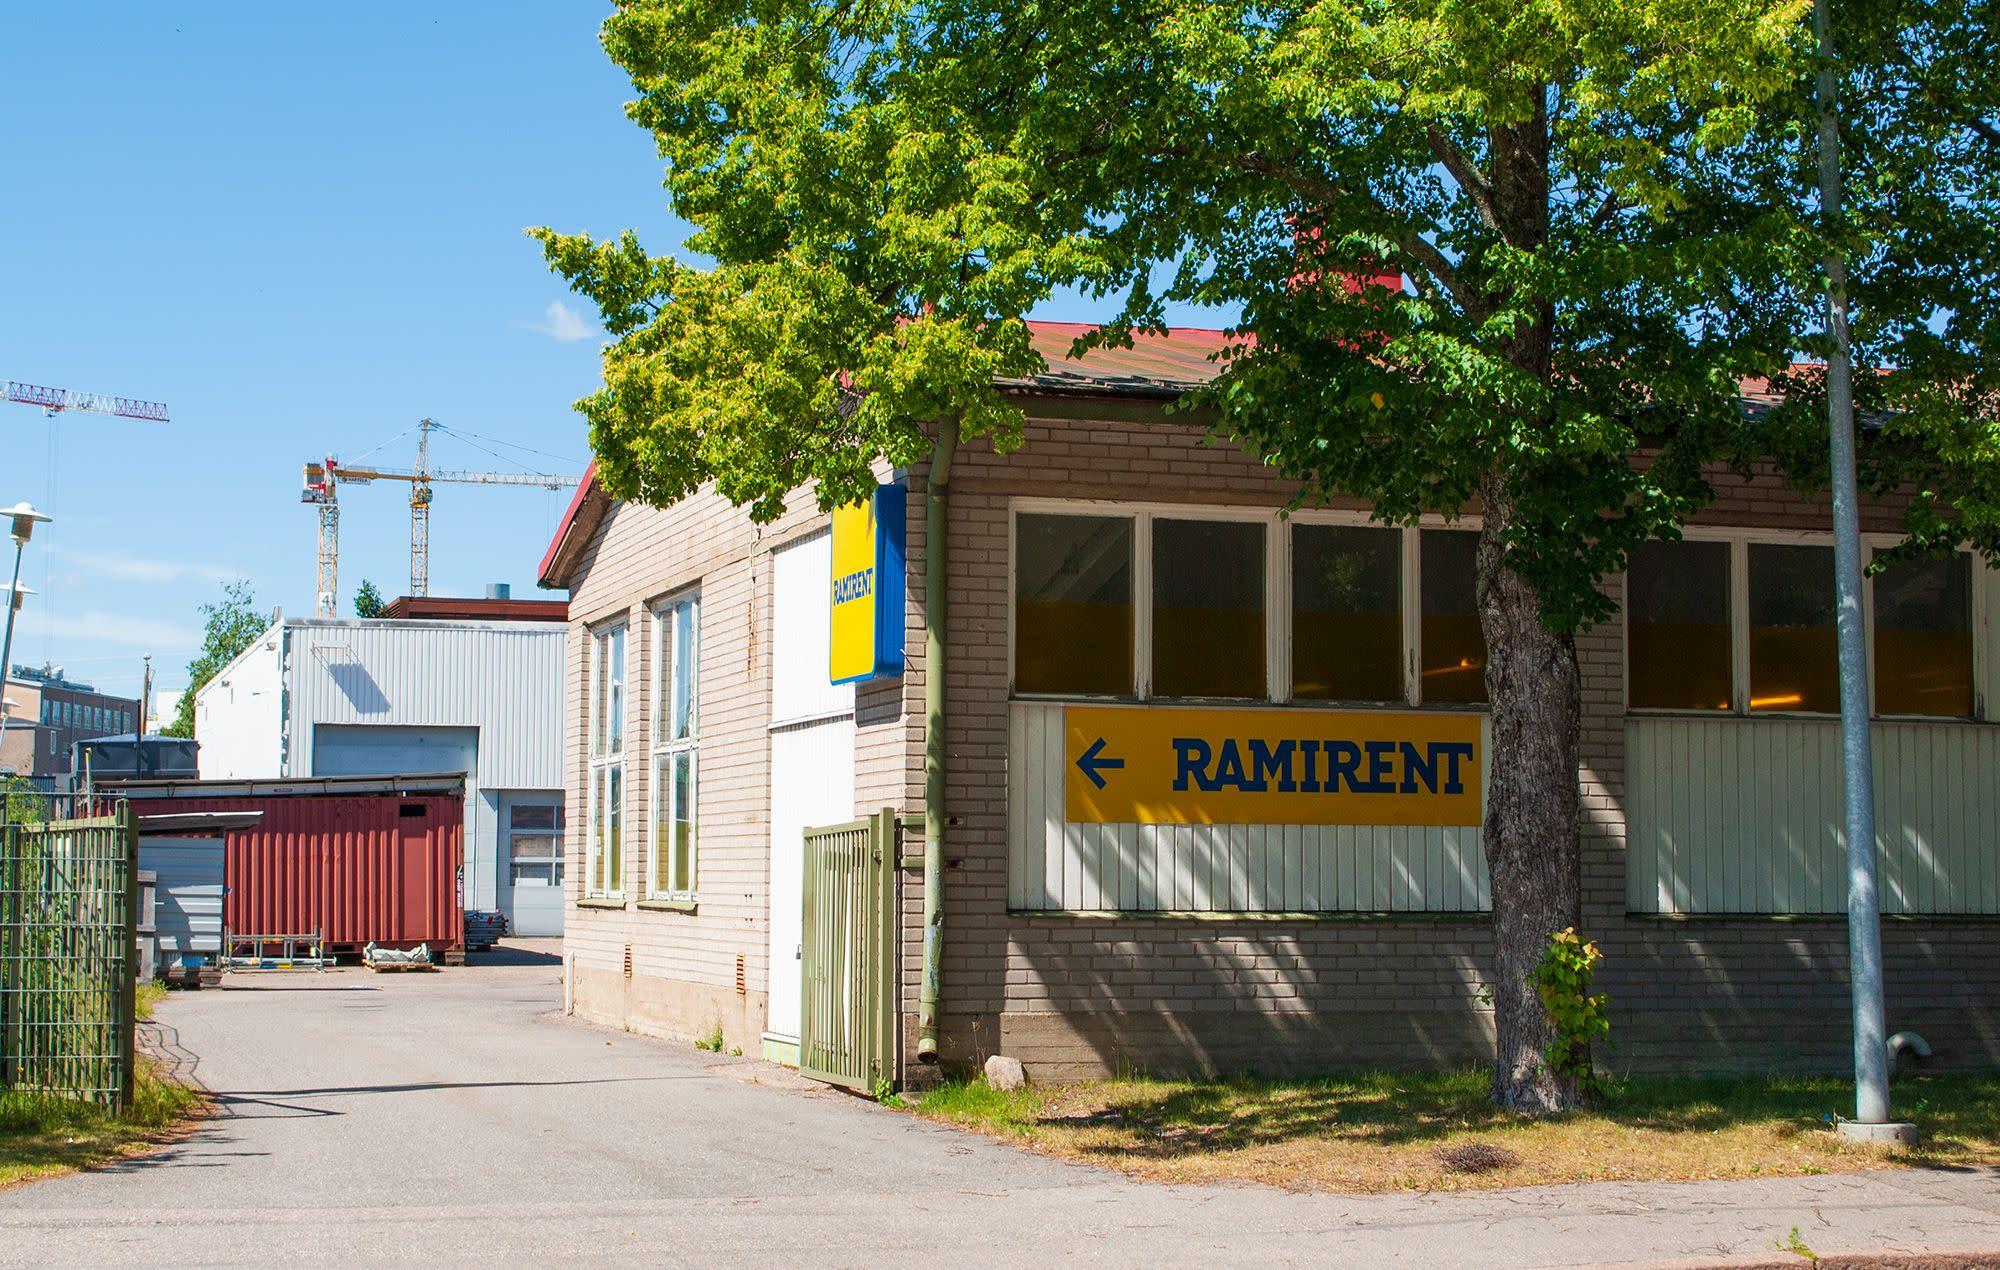 Ramirent Helsinki